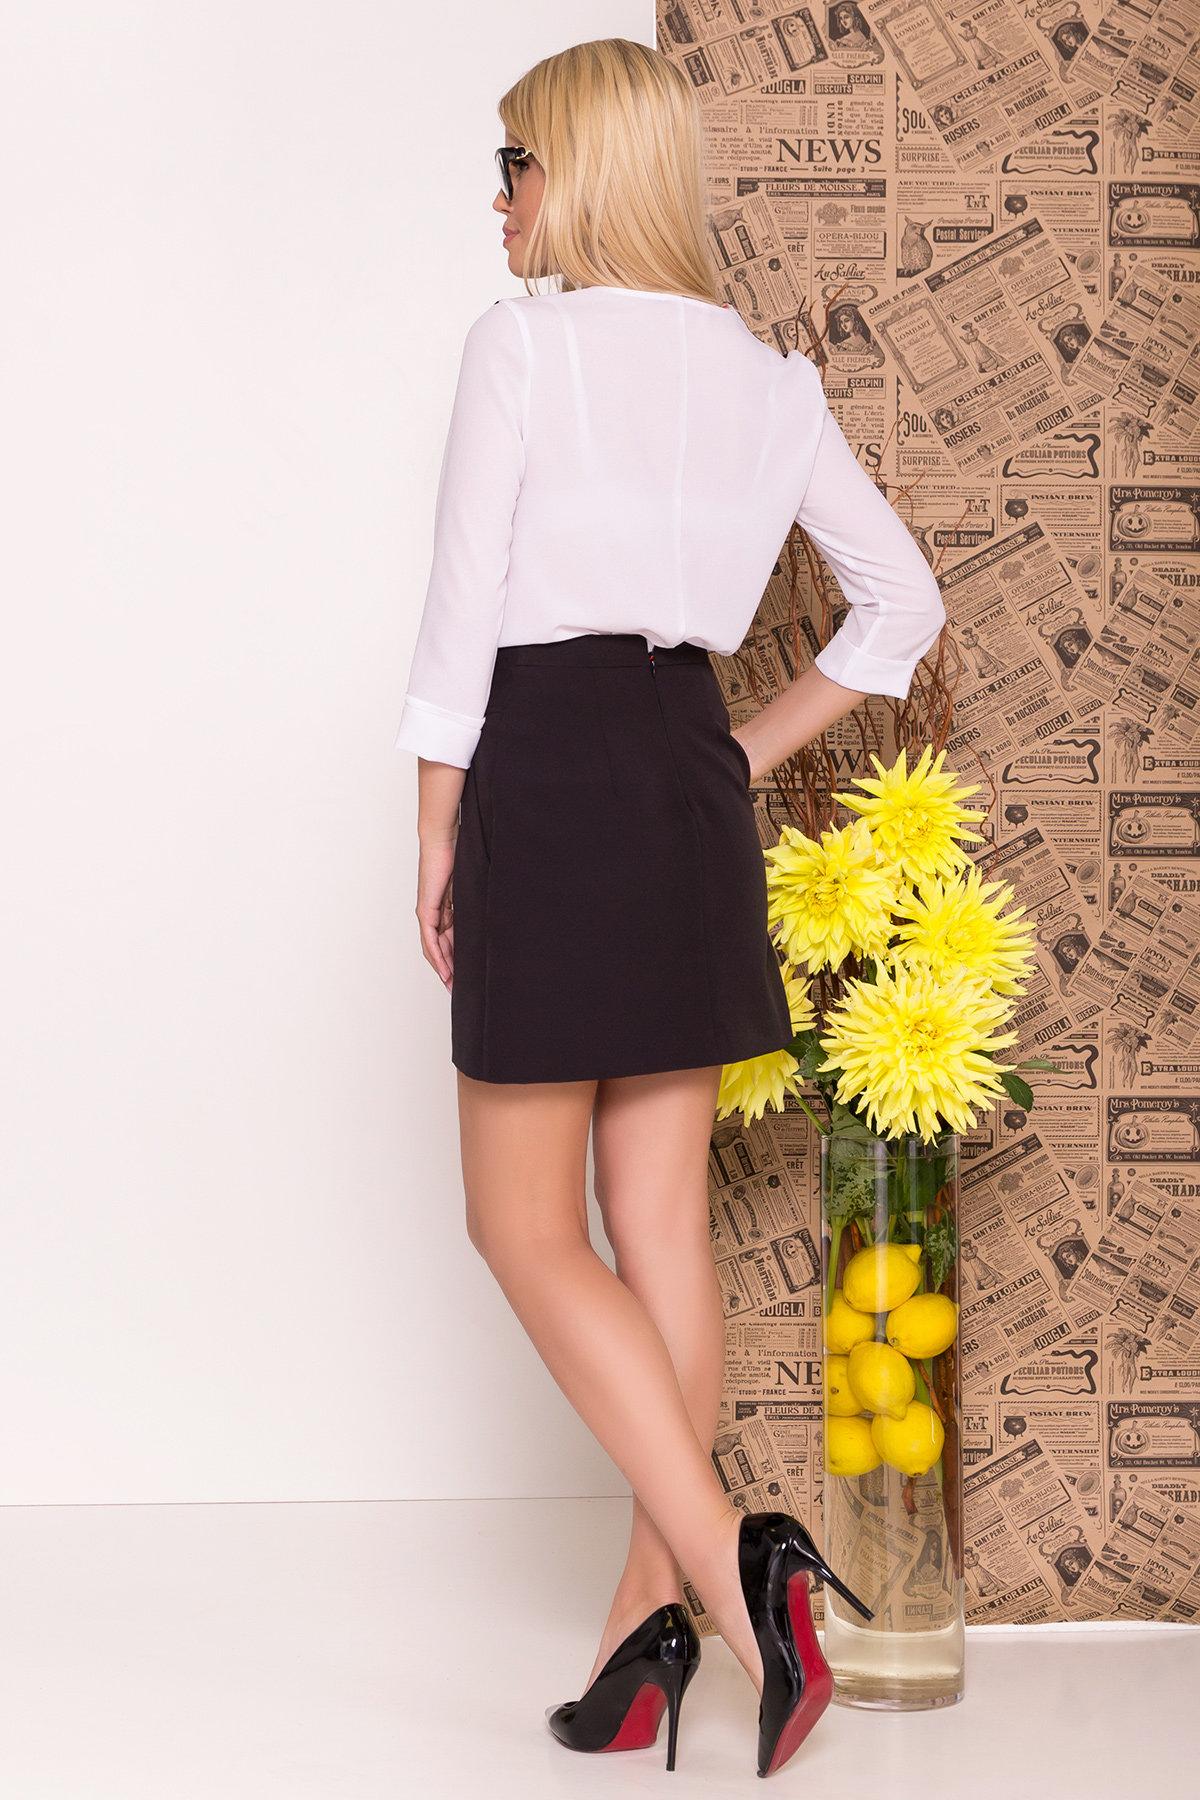 Блуза рукав 3/4 Модена 7728 АРТ. 43656 Цвет: Белый/черный - фото 4, интернет магазин tm-modus.ru